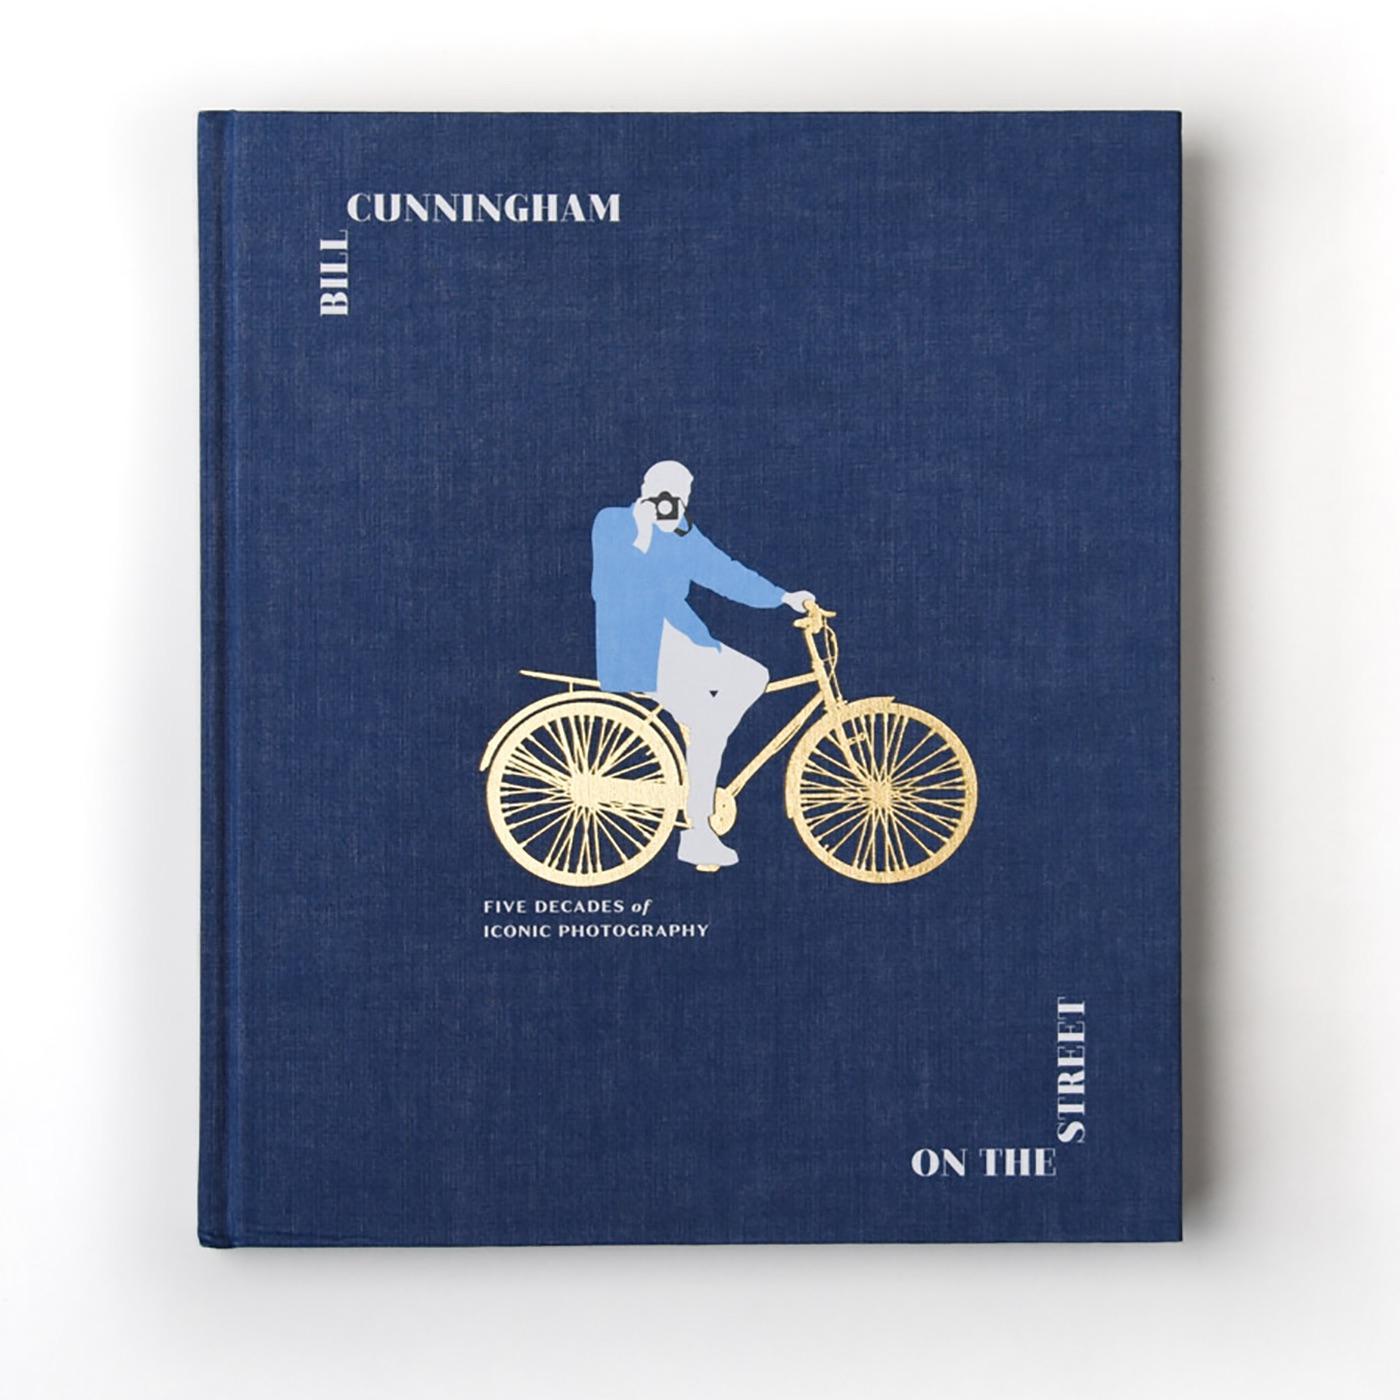 《比尔·康宁汉:50年街拍摄影生涯》.jpg